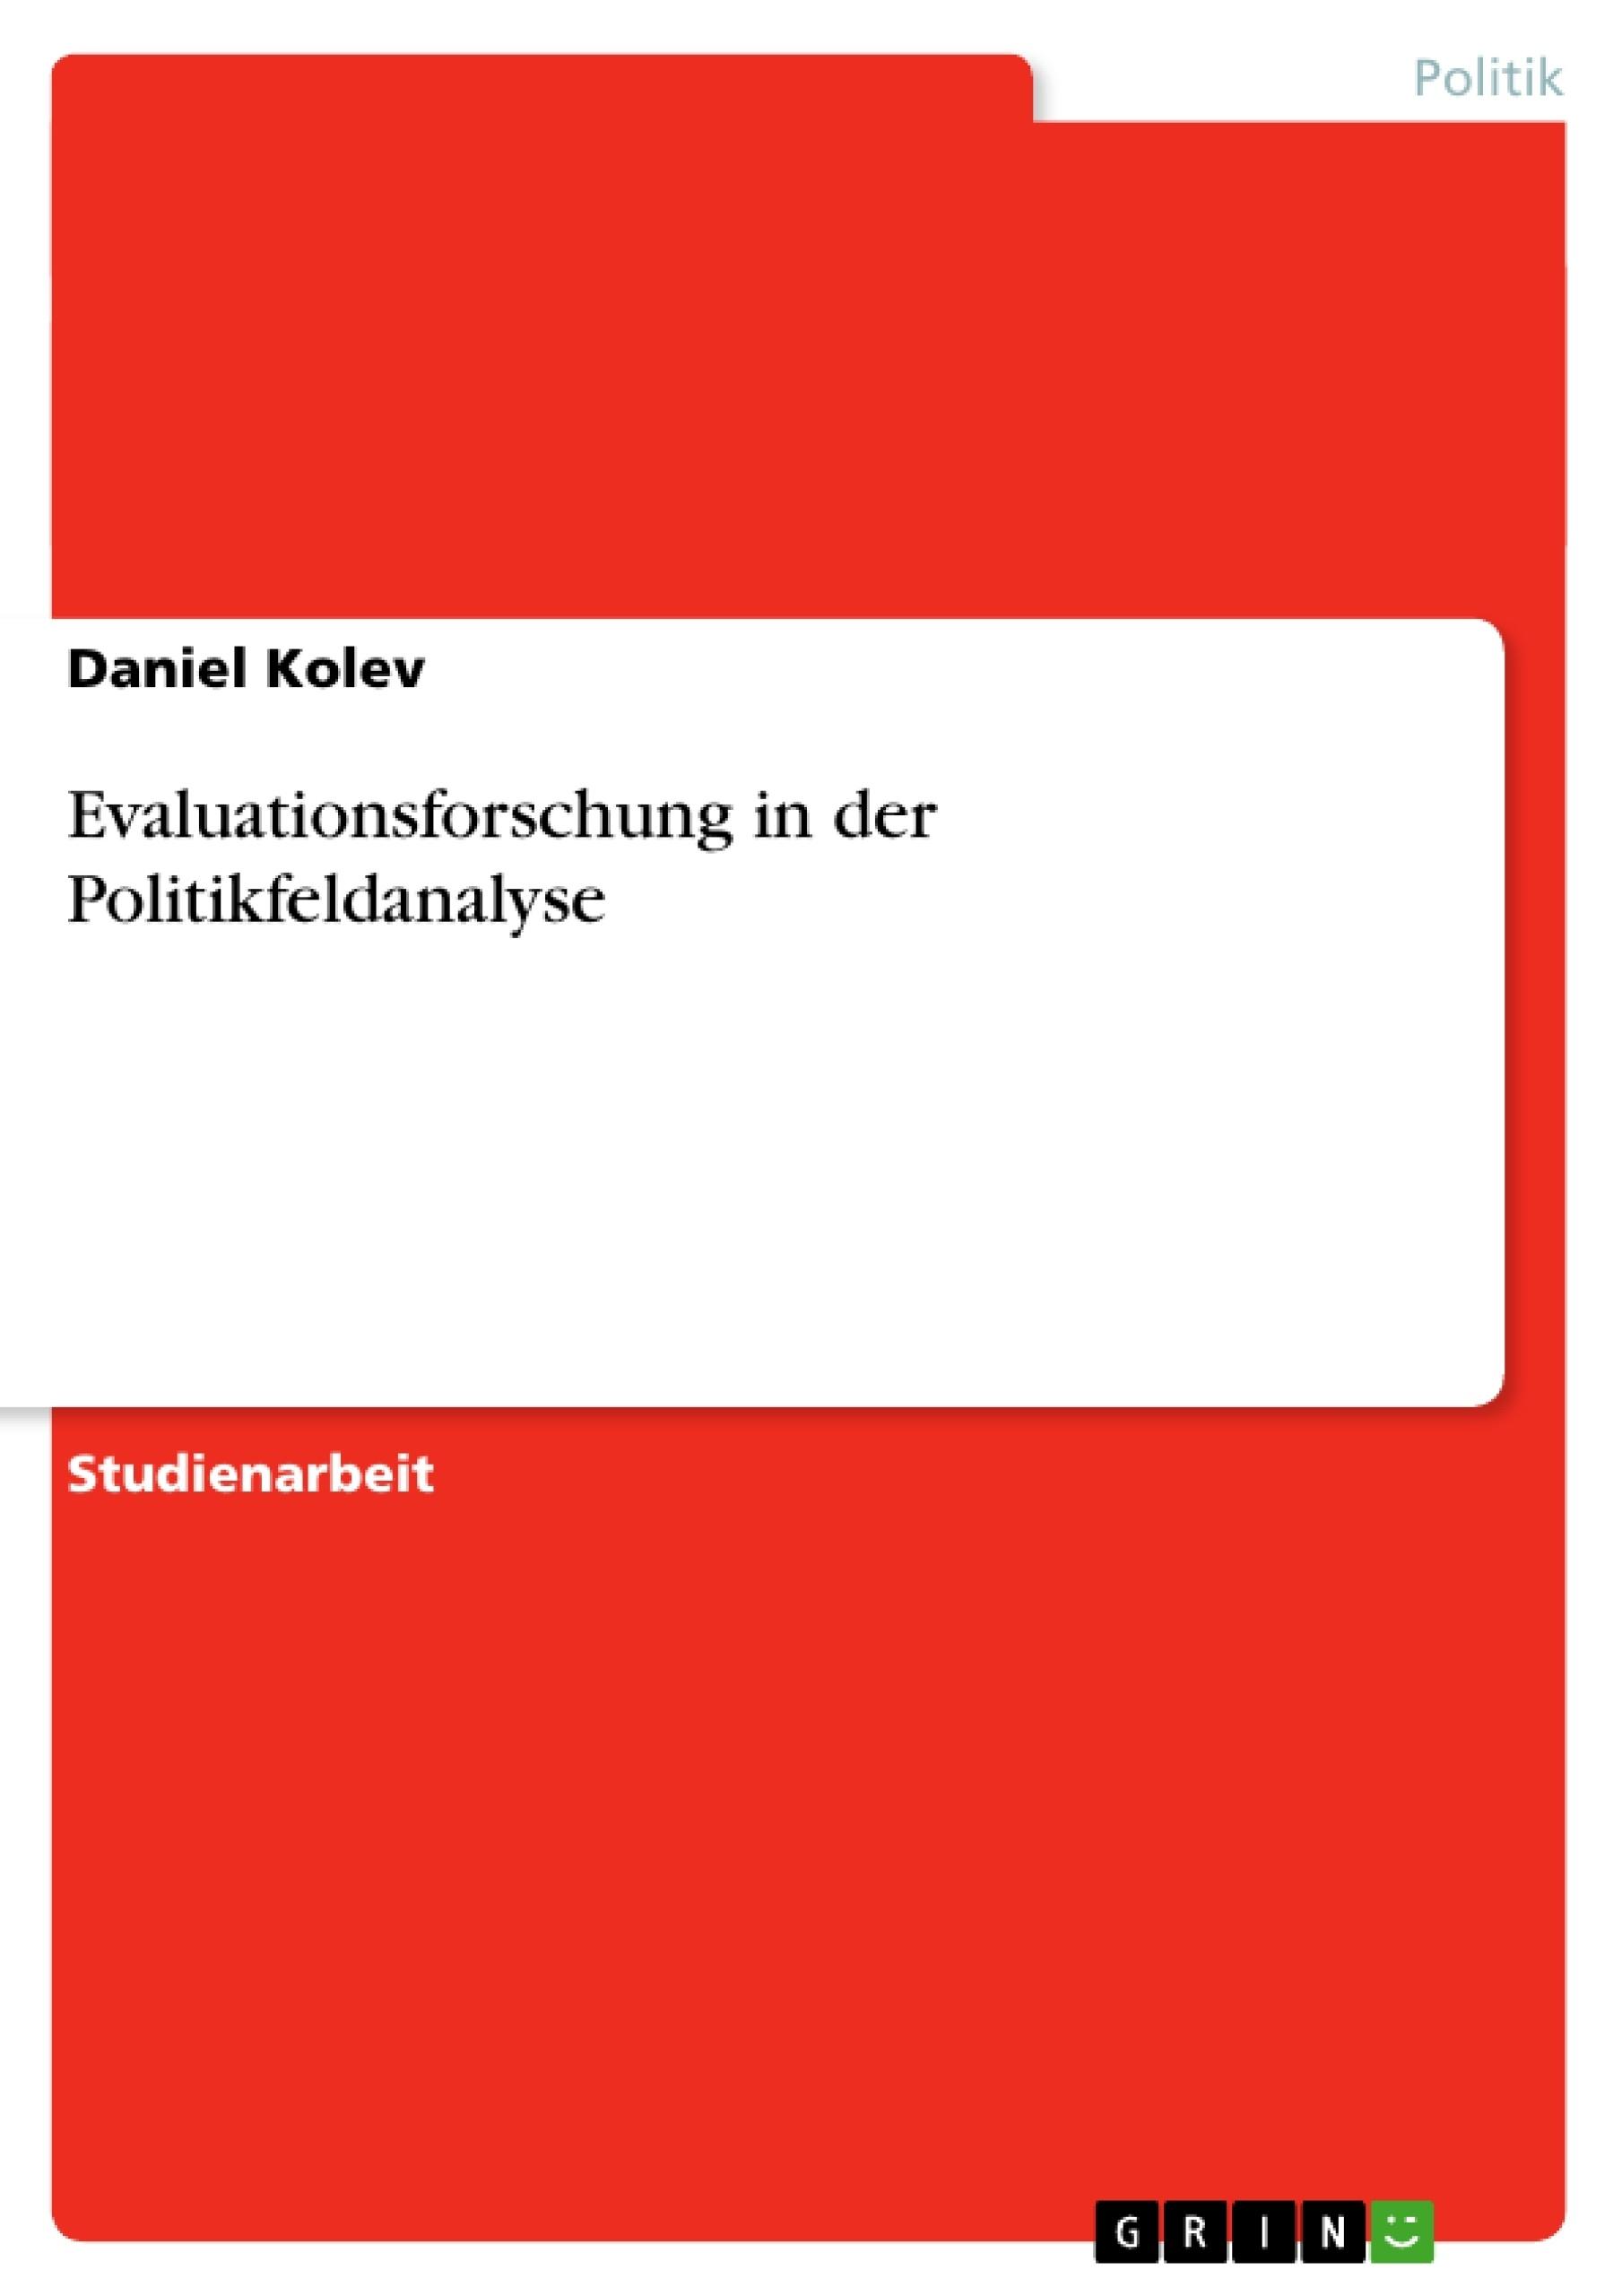 Titel: Evaluationsforschung in der Politikfeldanalyse